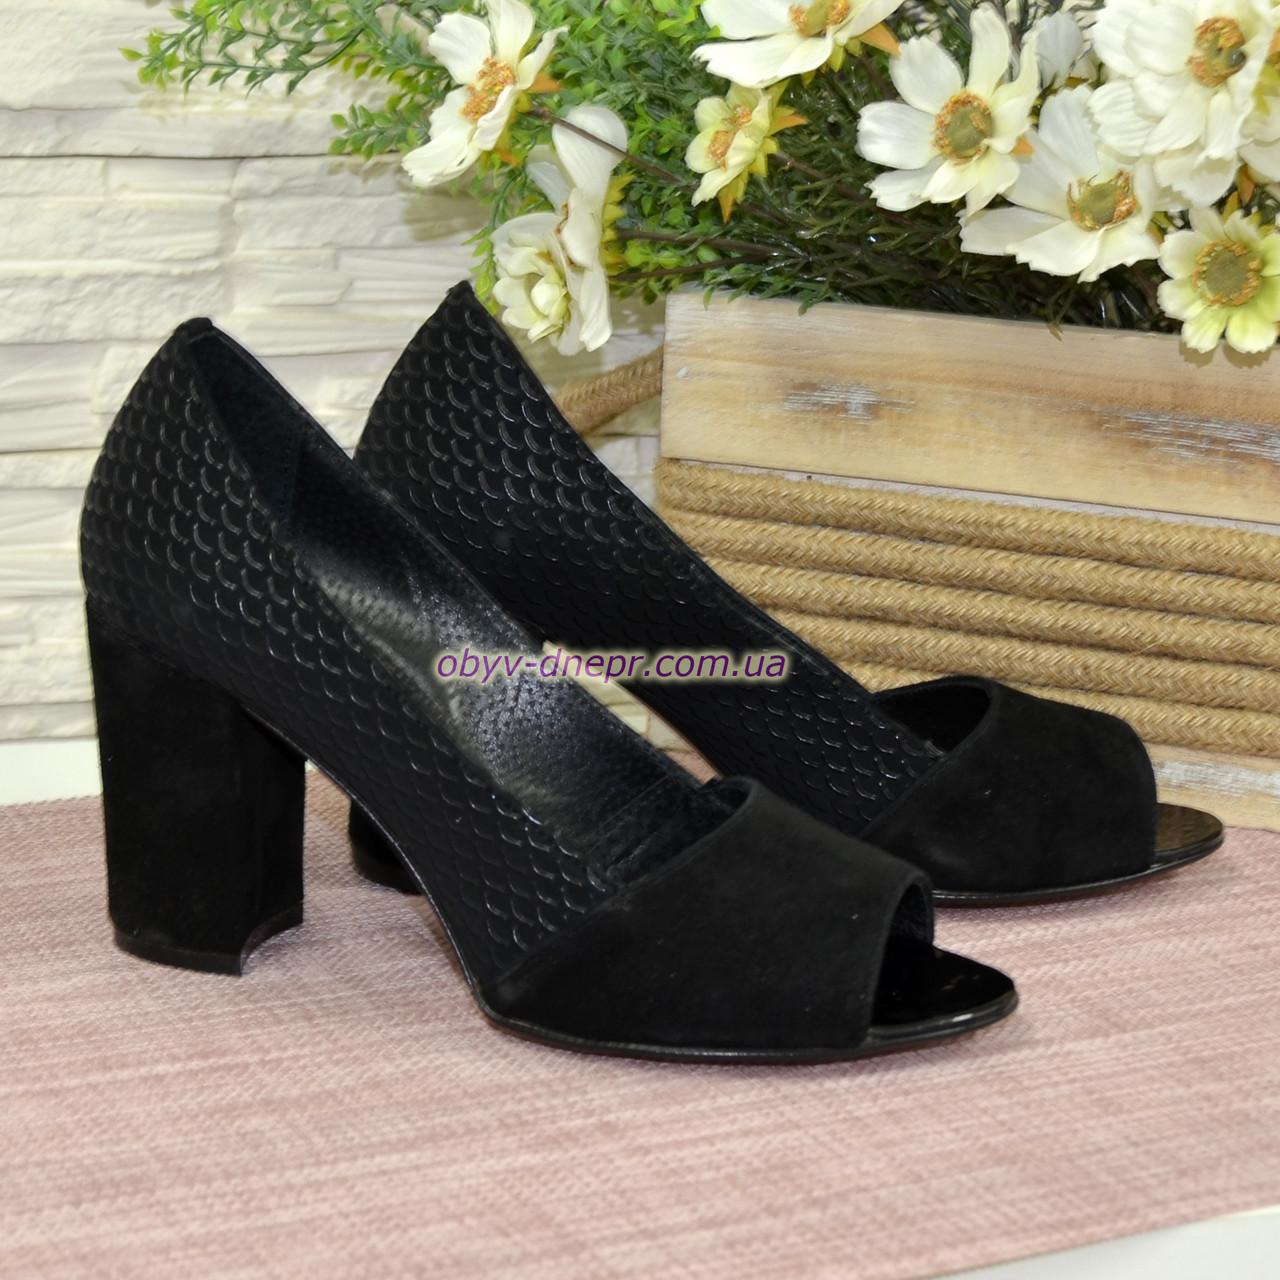 Туфли замшевые с открытым носком, на высоком устойчивом каблуке, цвет черный